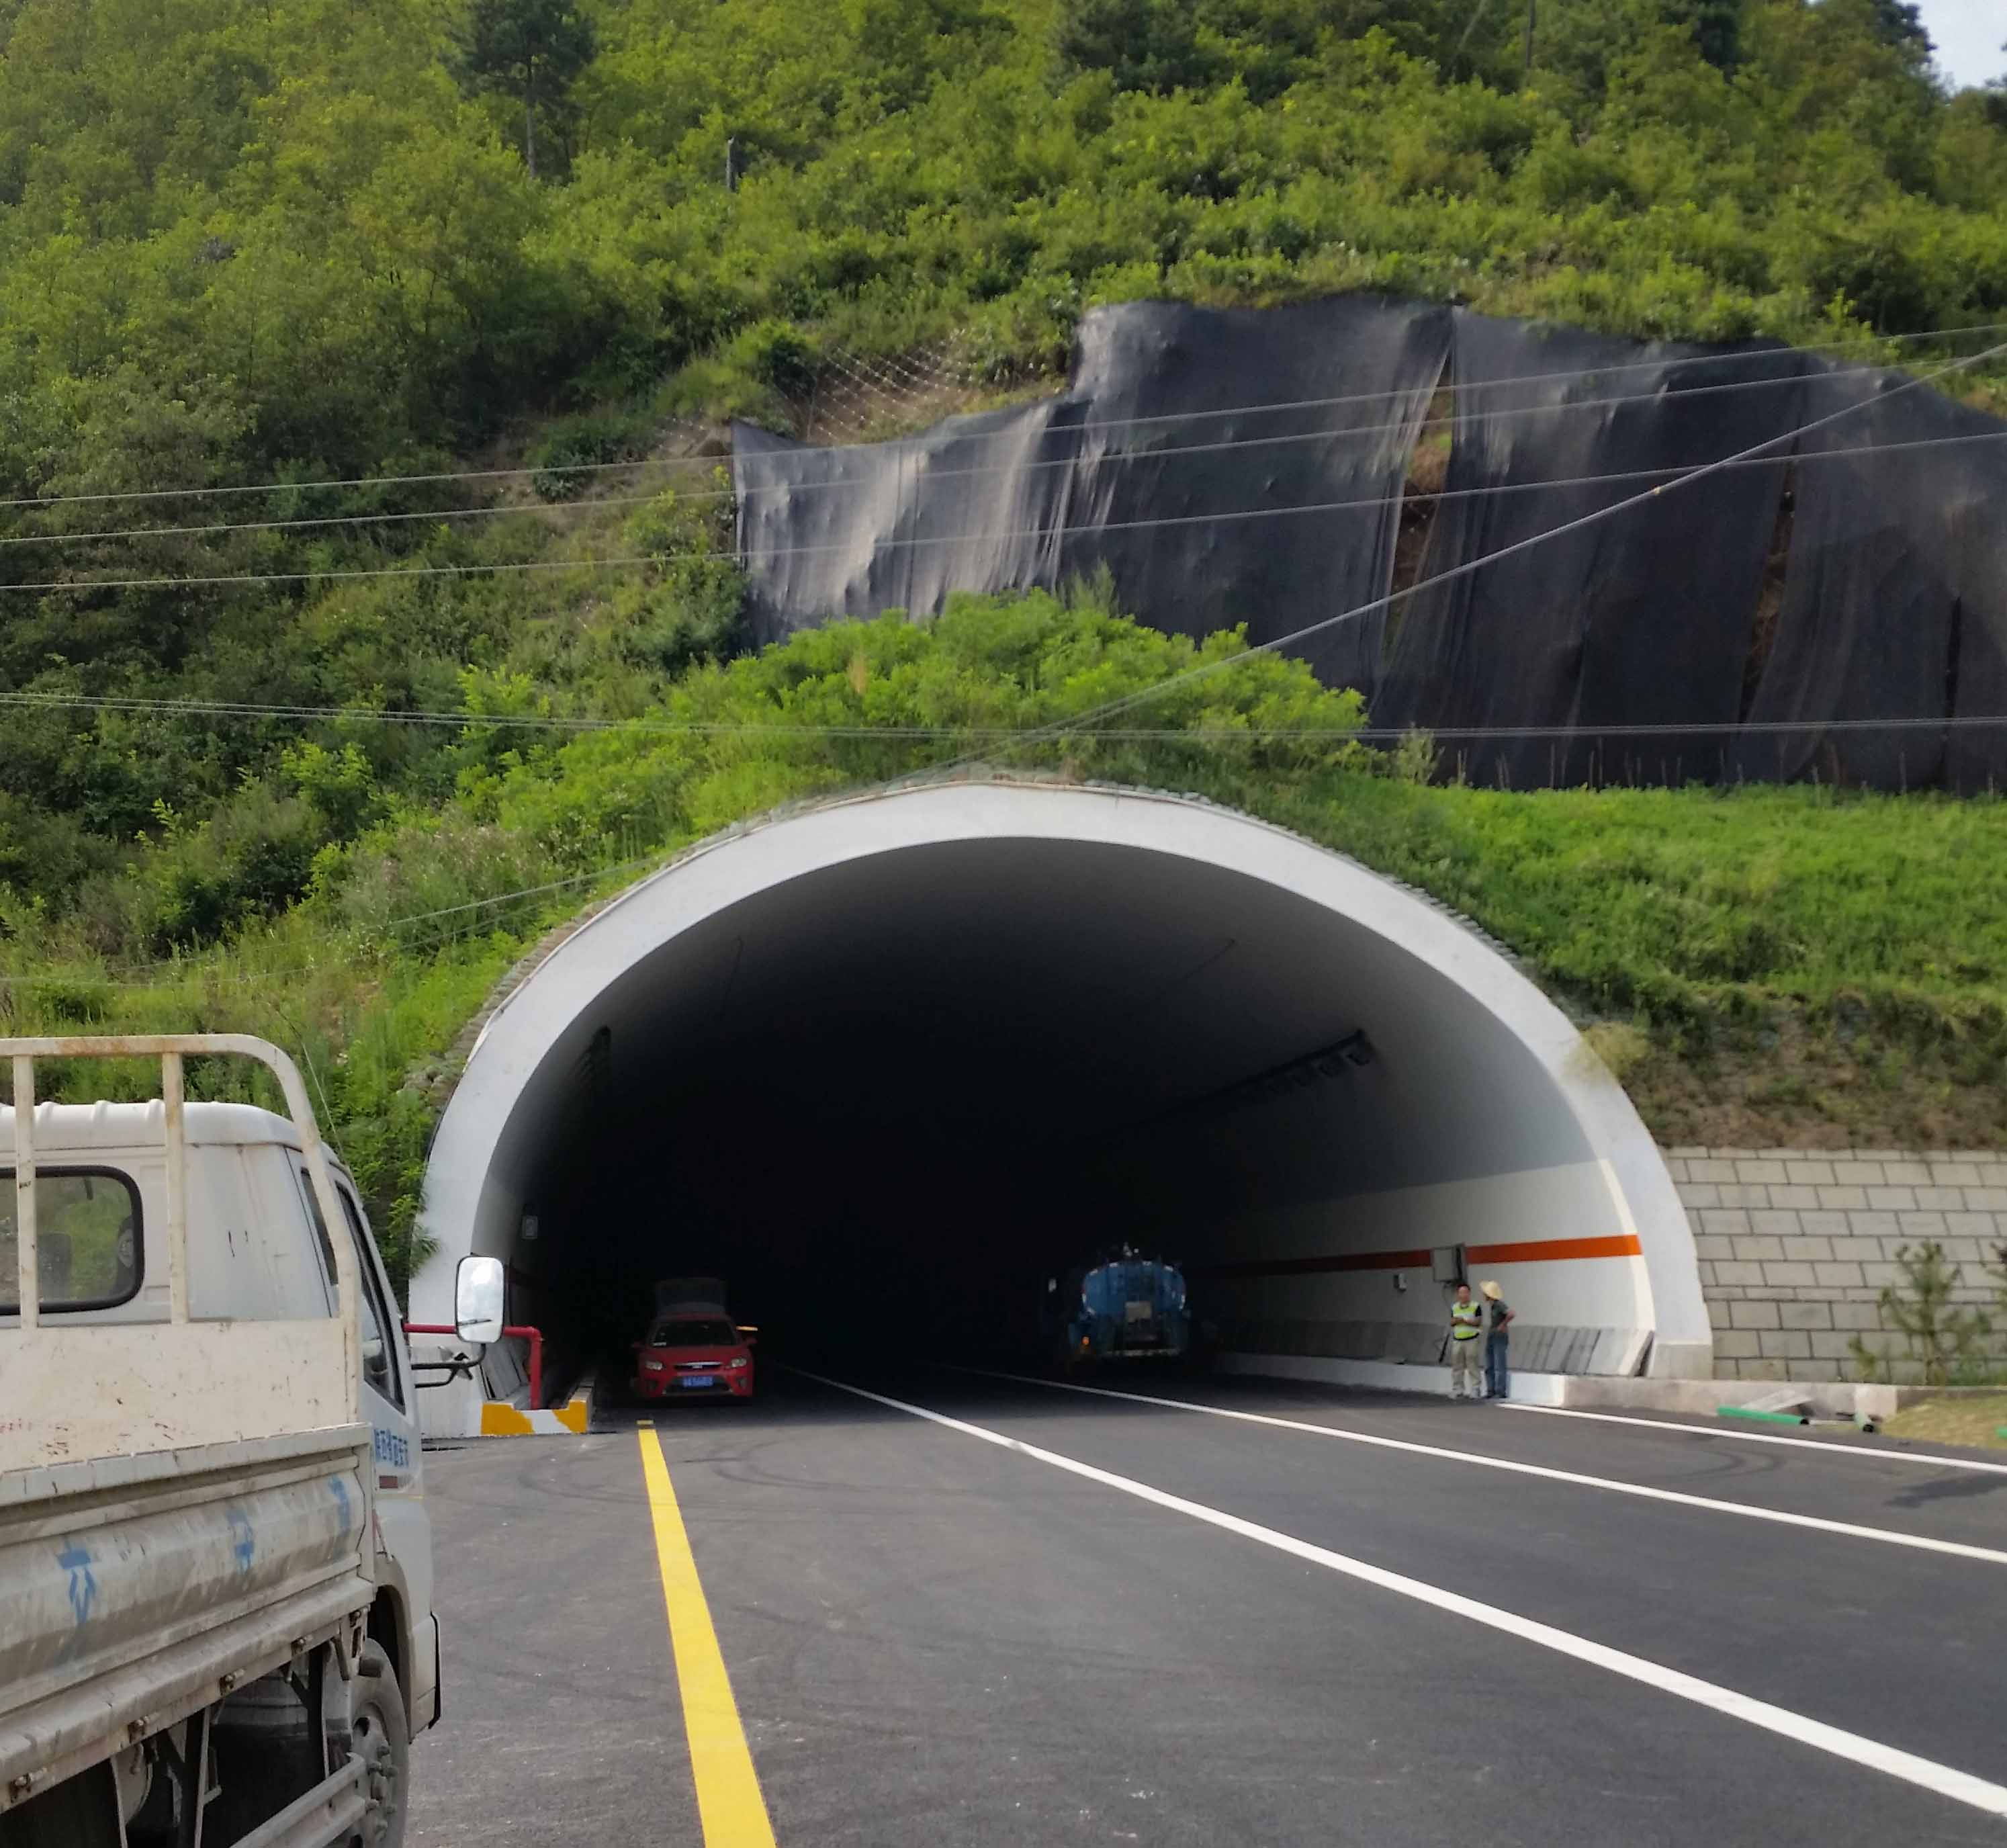 新疆隧道消防管道电伴热带 - 行业资讯 - 新闻中心